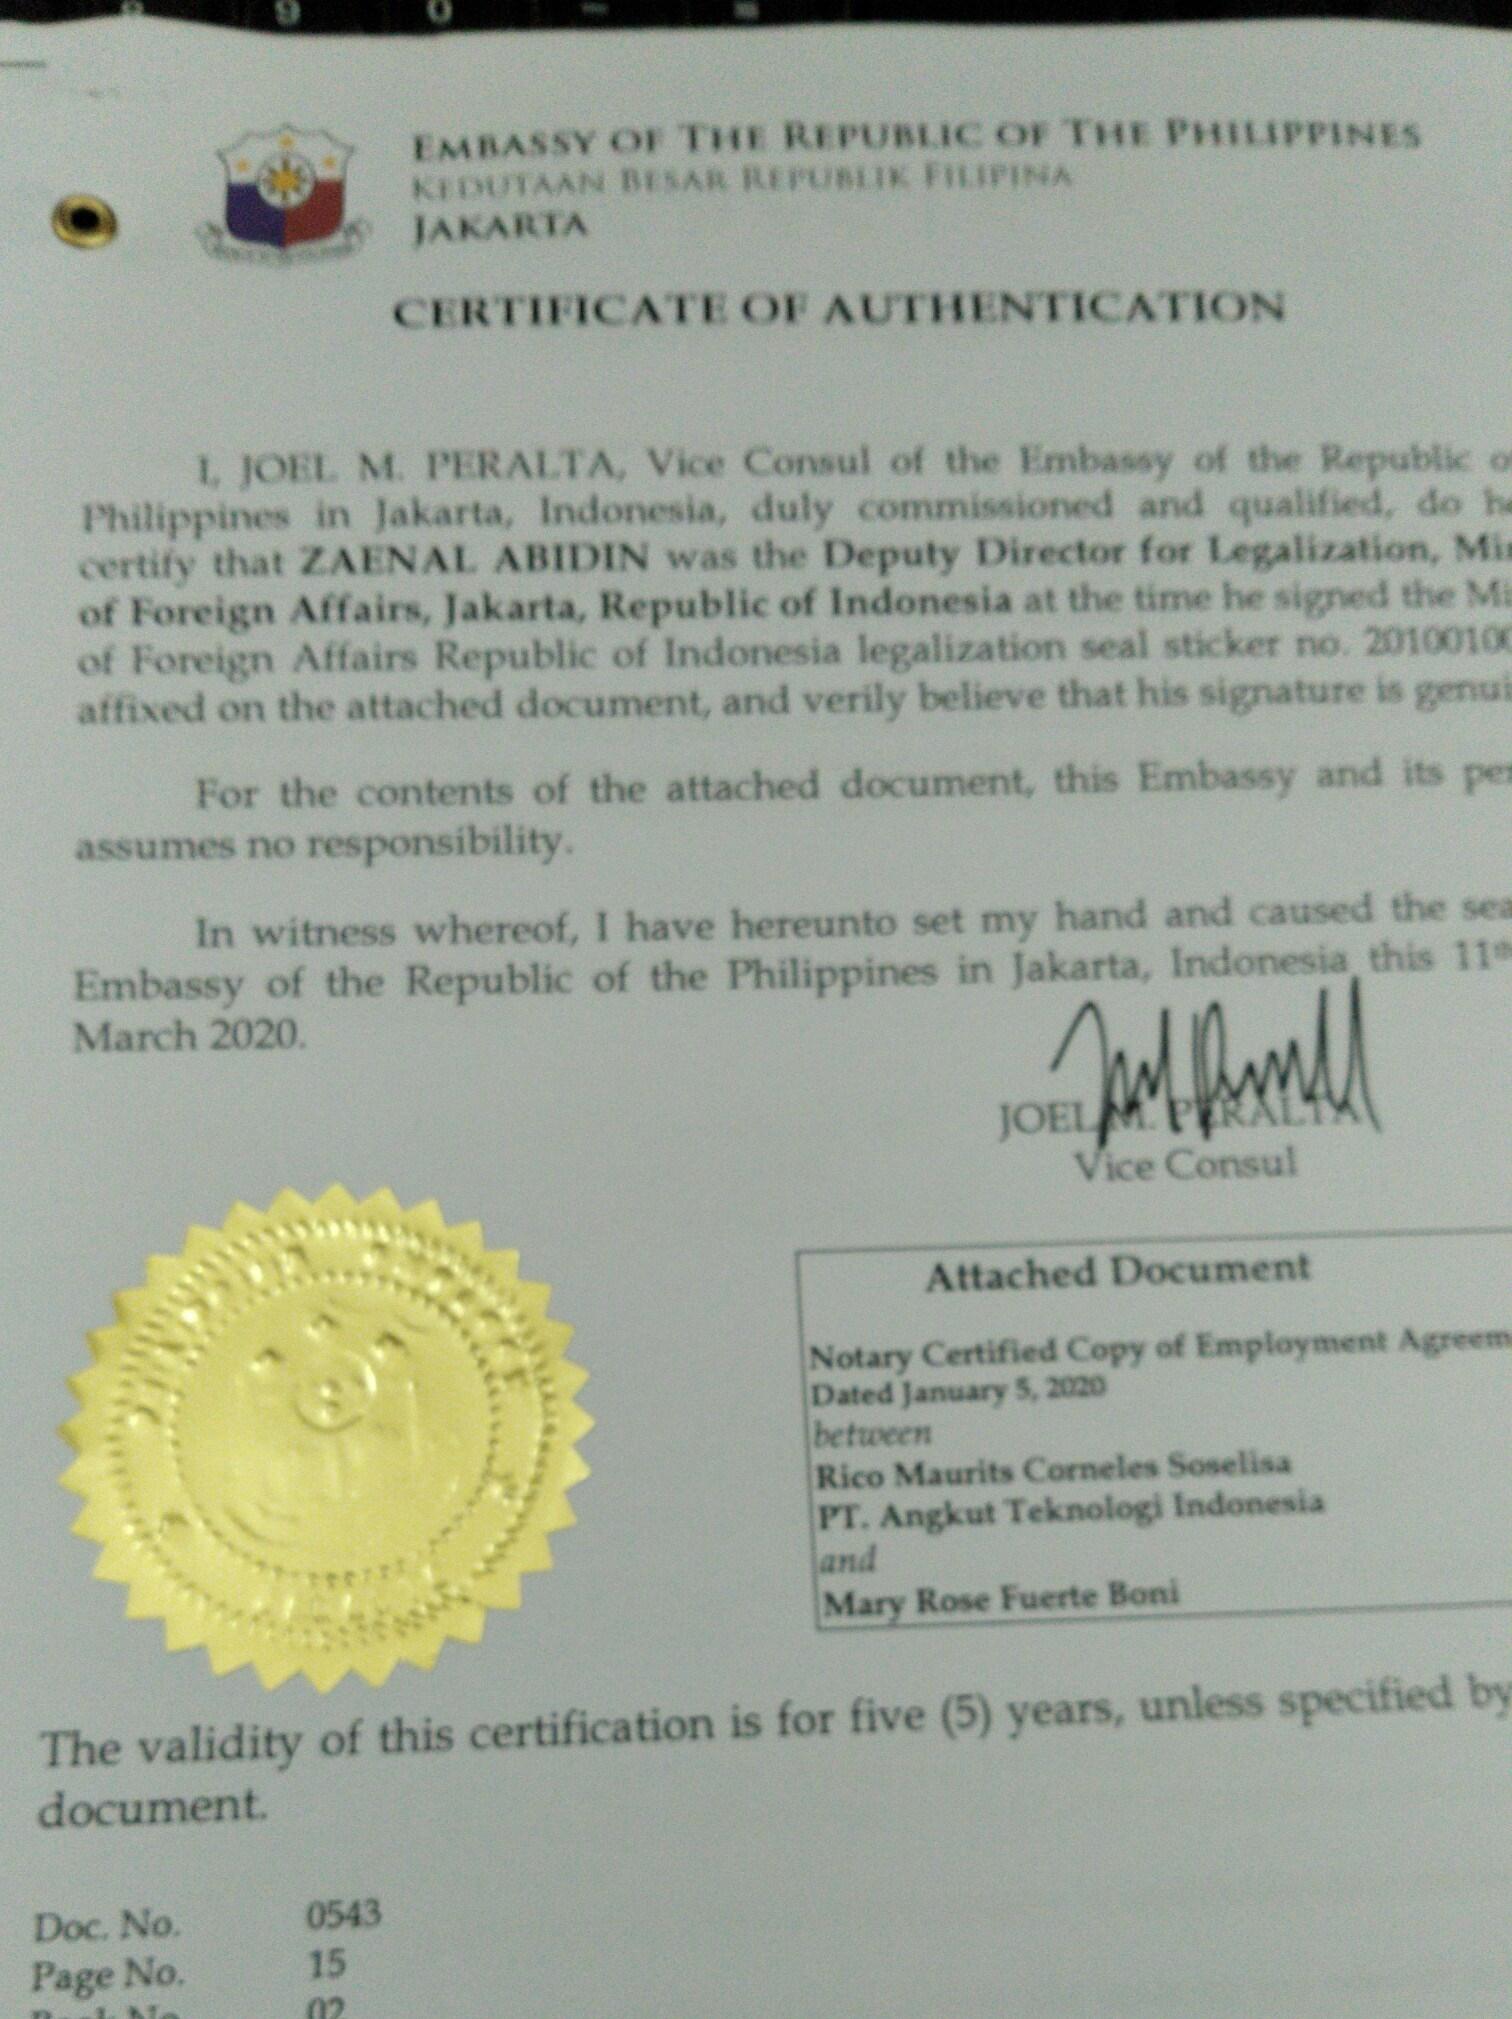 Contoh jasa legalisasi kedutaan filipina